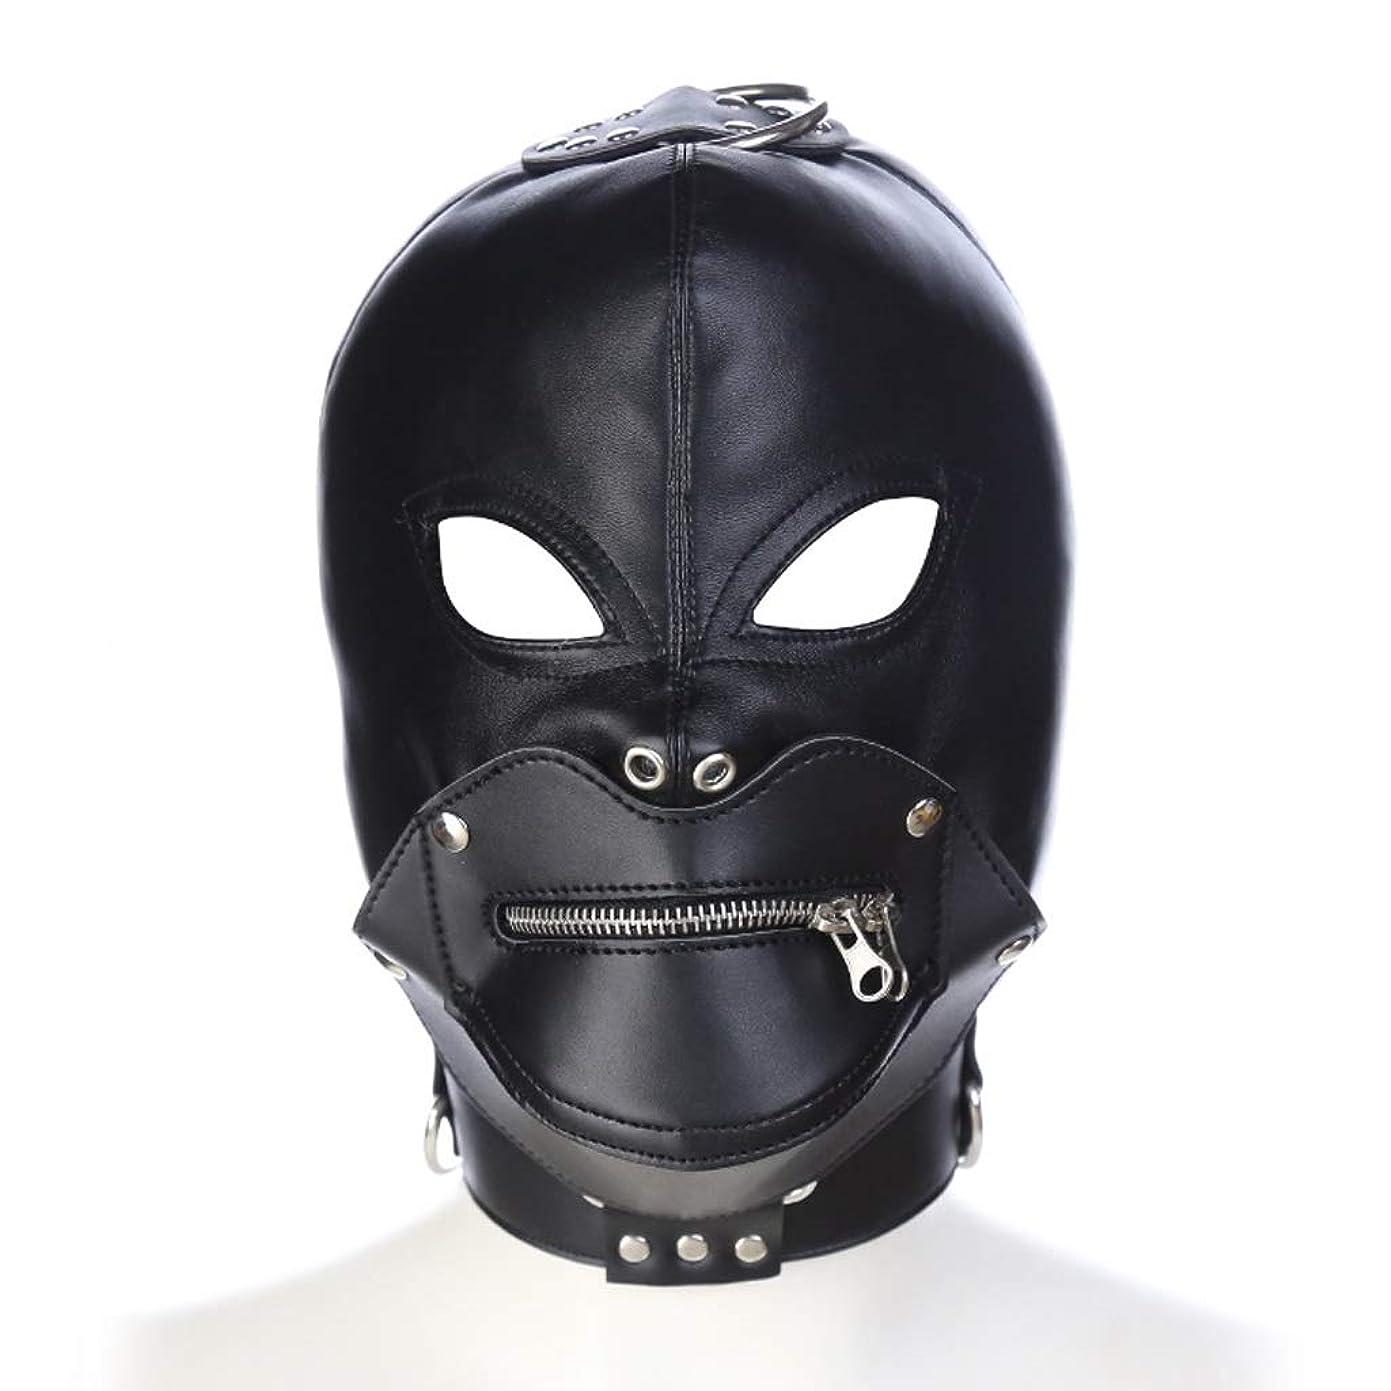 現実的逆ステッチSLH ハロウィーン悪魔ヘッドセットは、ジッパー選択レザーカップル浮気マスクバインディングパッションおもちゃでカップルゲームをドレスアップ